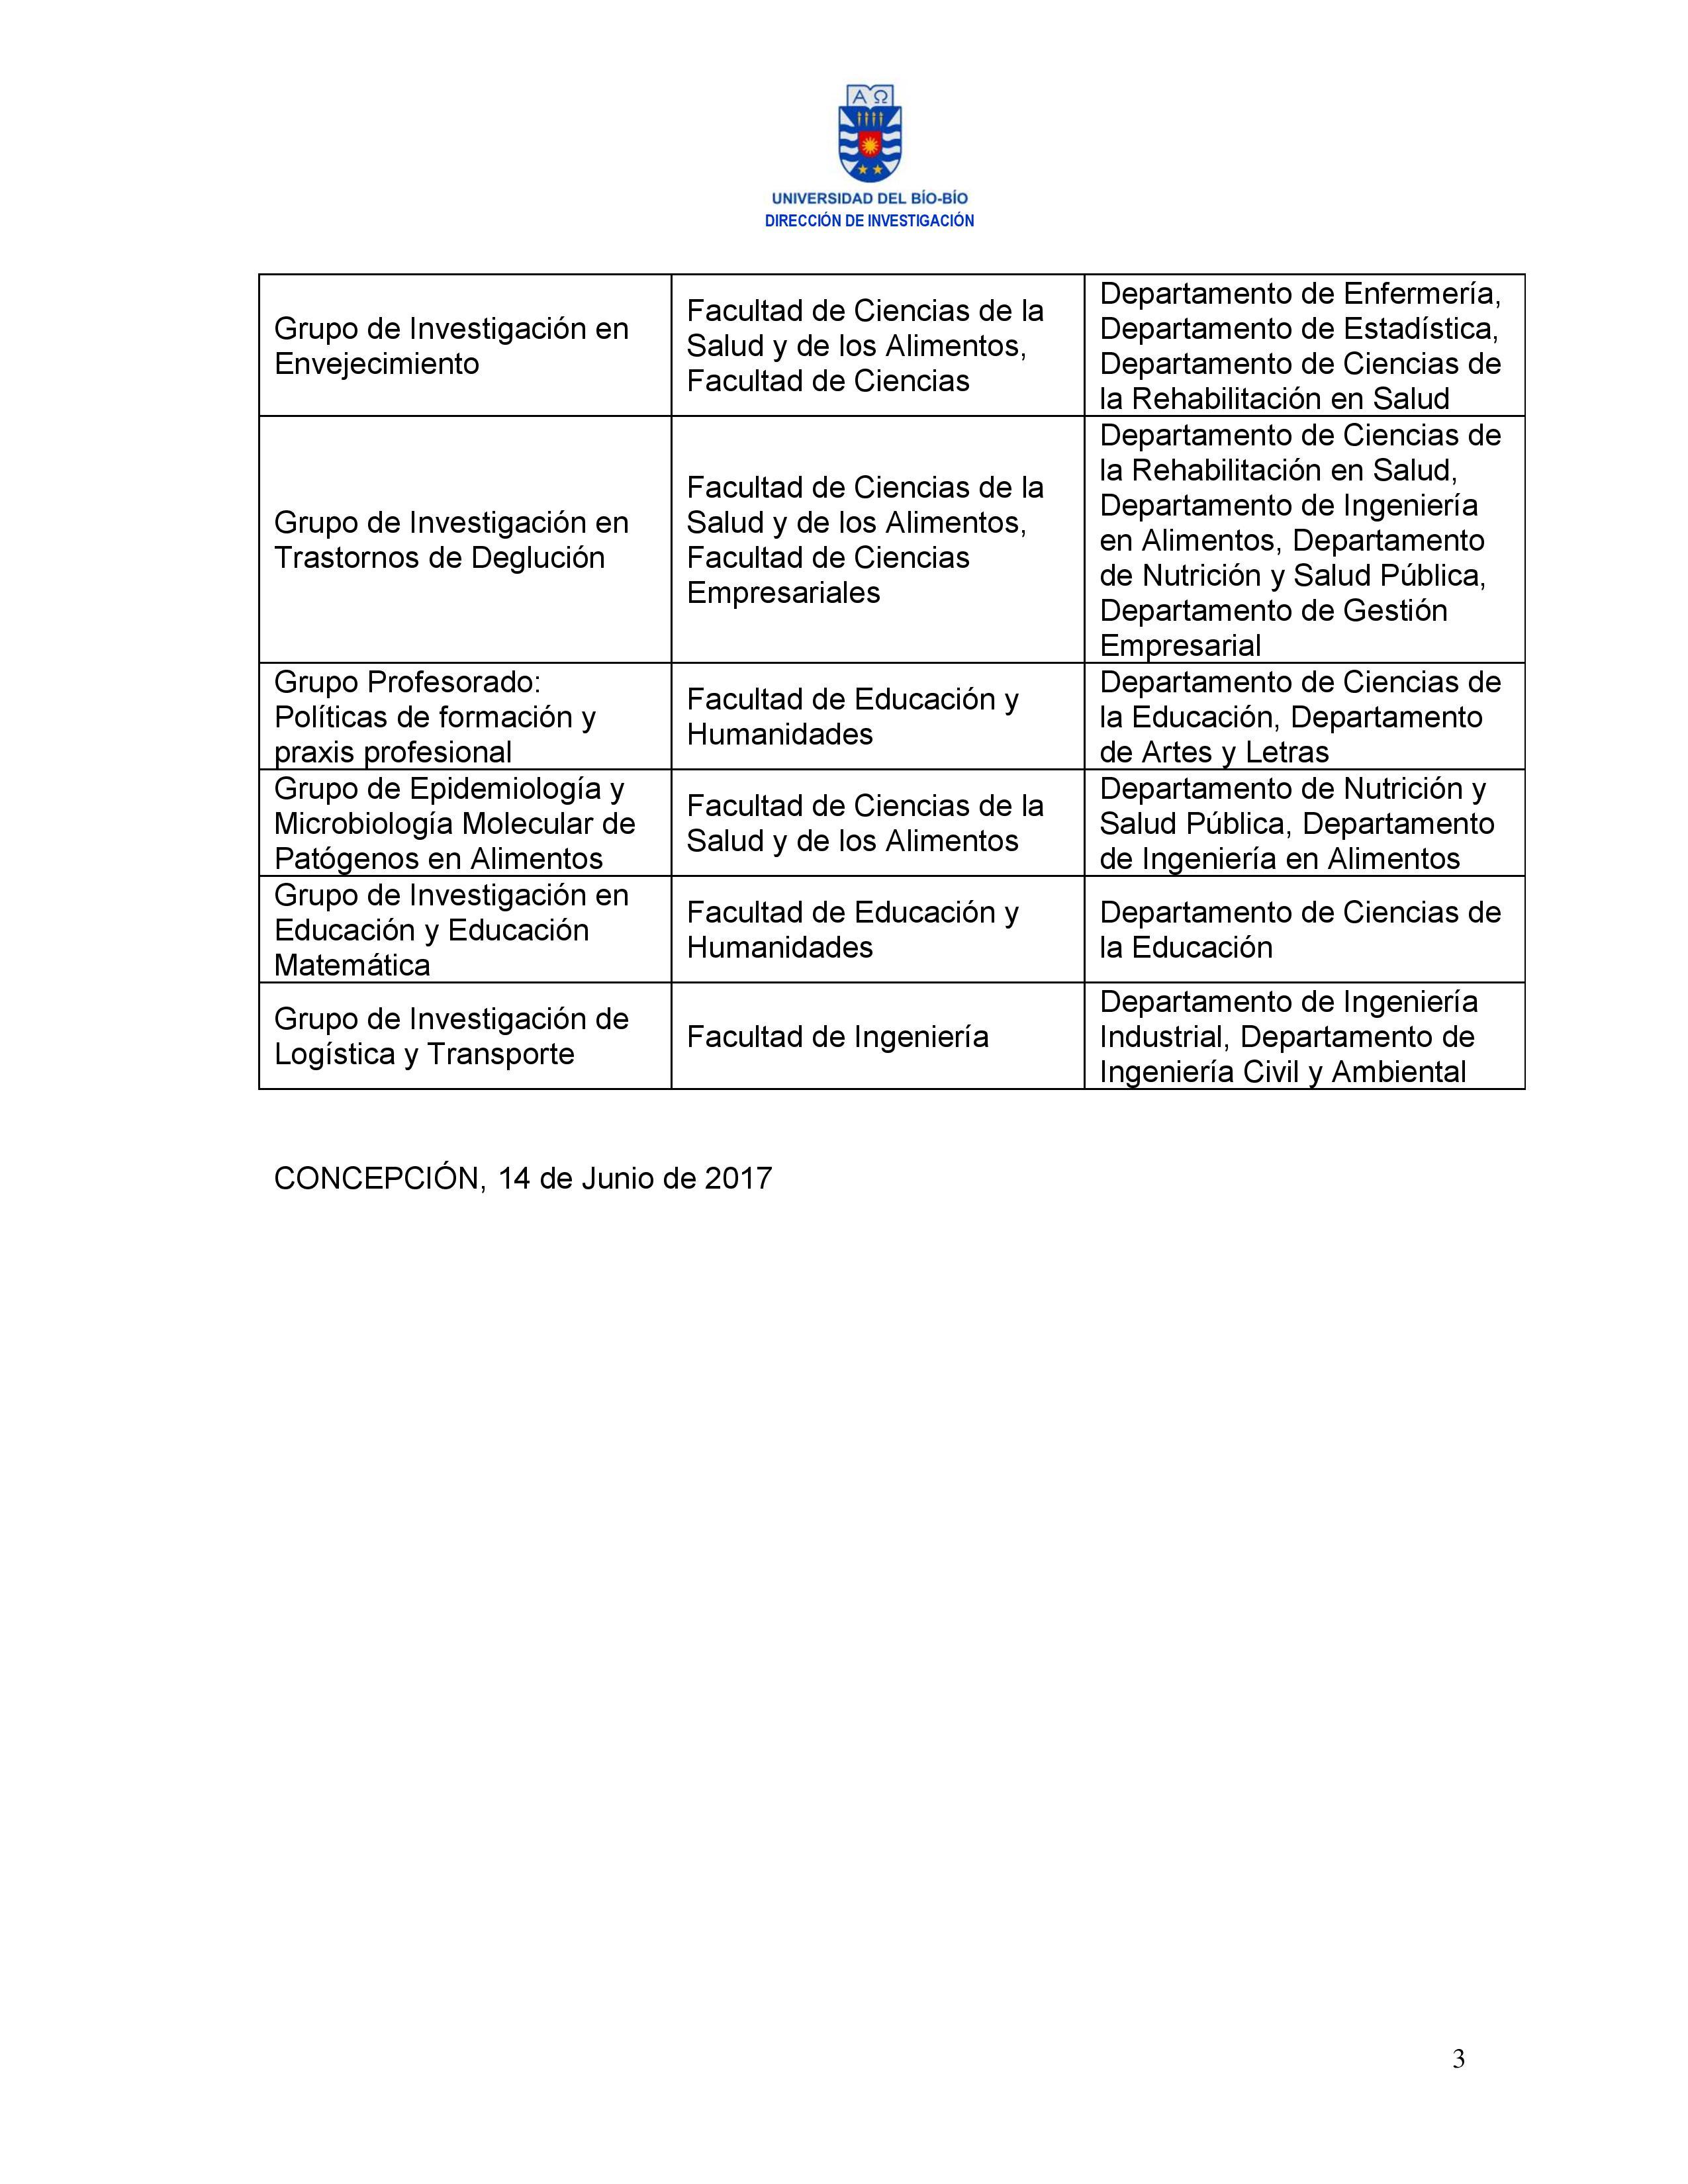 resultado-grupos-de-investigacion-2017-page-003